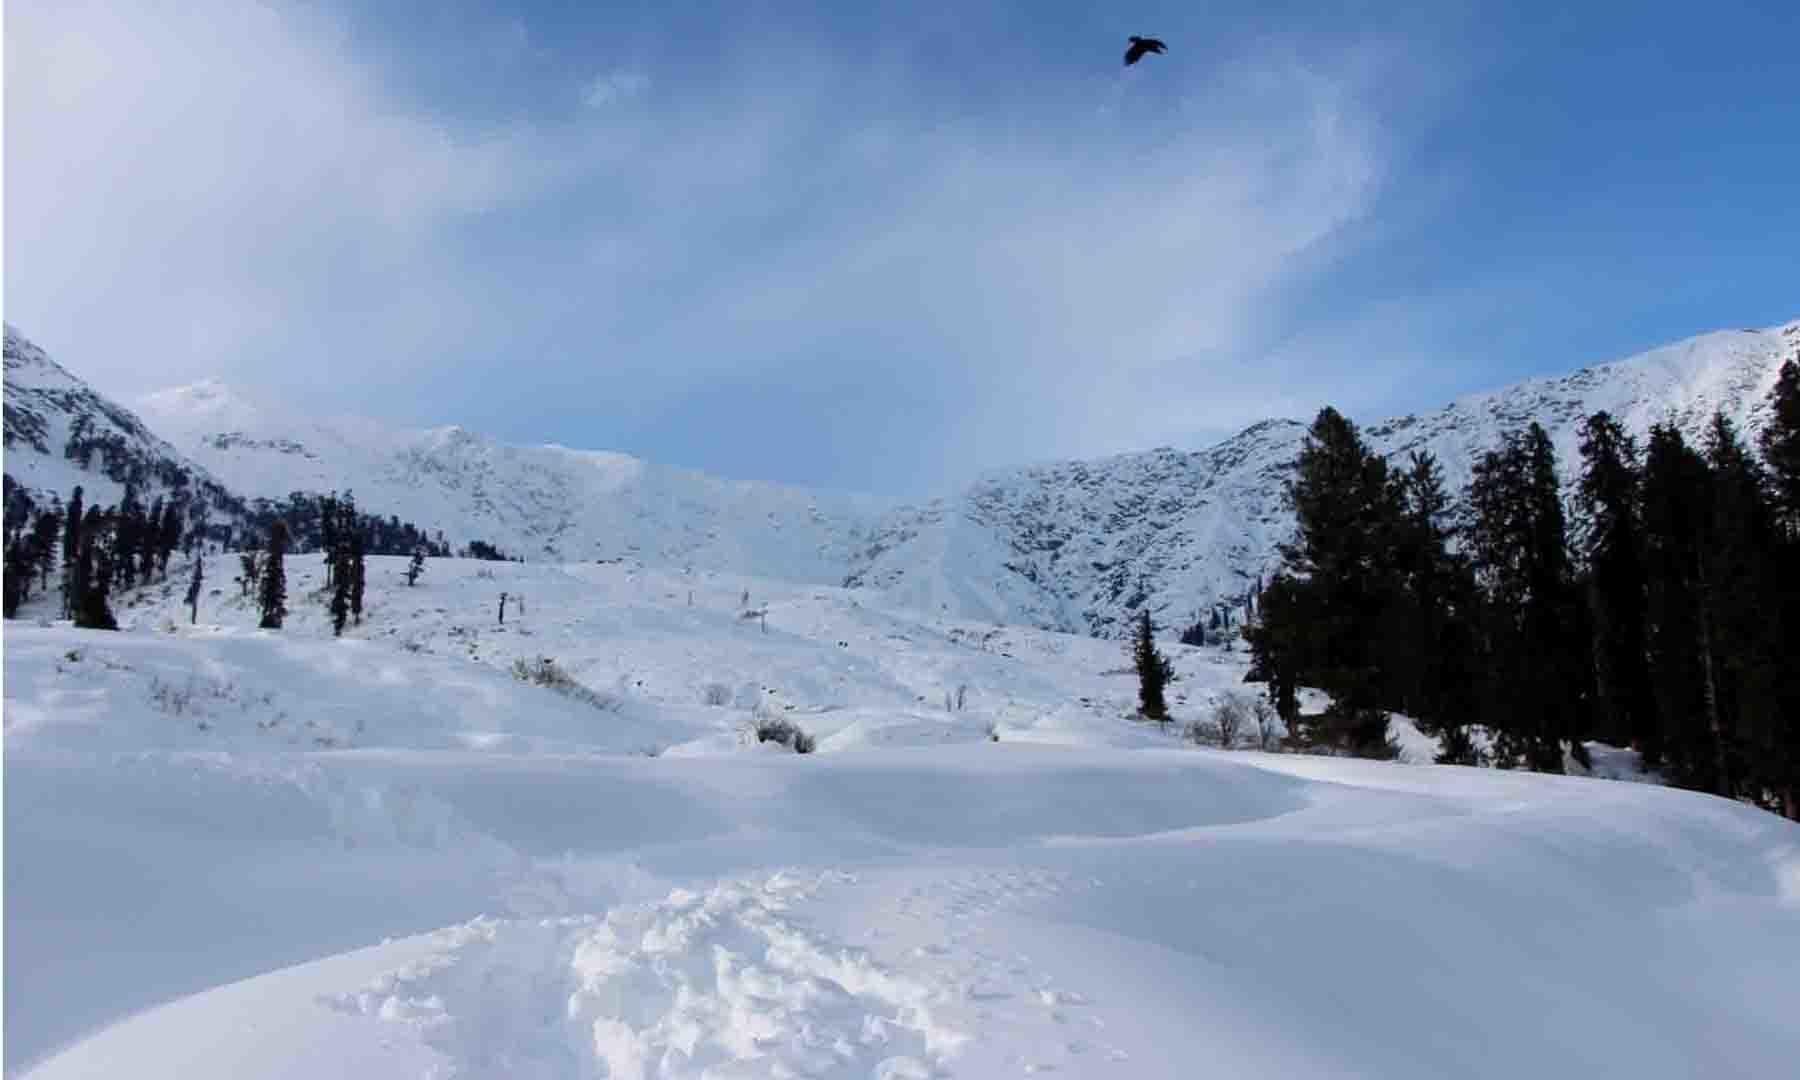 ماہِ جنوری کی تازہ ترین تصویر، گبین جبہ نے برف کی سفید چادر سر پر تنی ہے